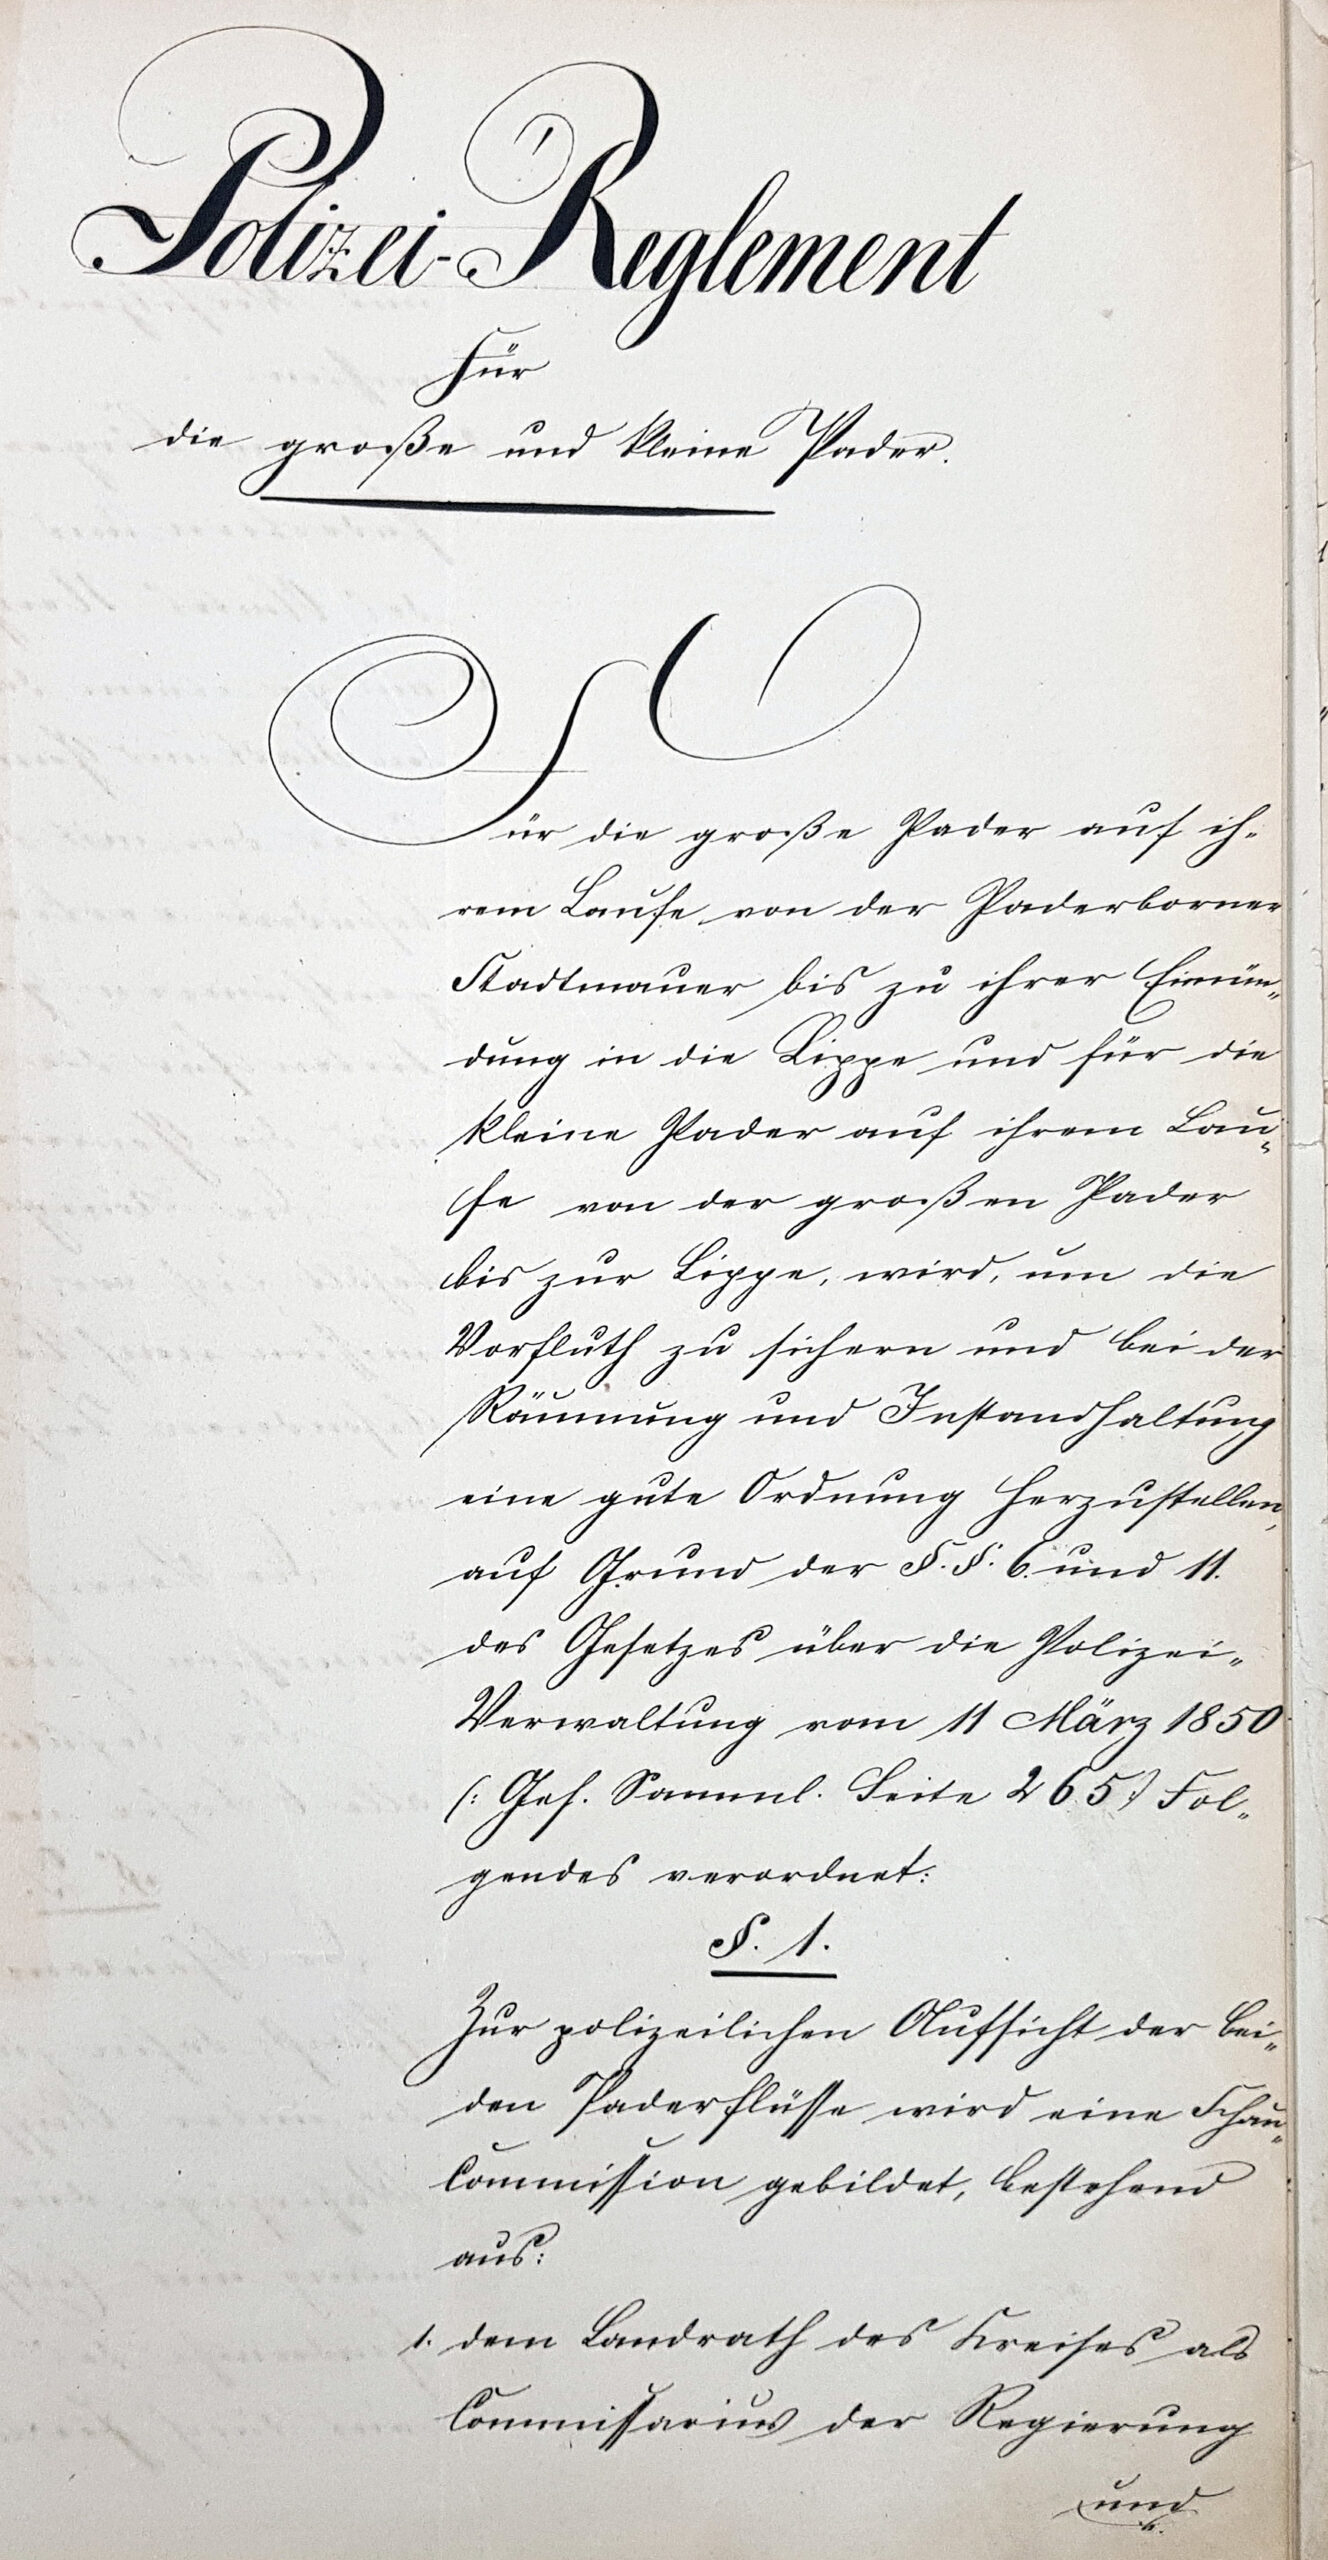 """""""Polizei-Reglement für die große und kleine Pader"""", Manuskript 1866 (LA Detmold, M1 III E, Nr. 151, unfol.)"""